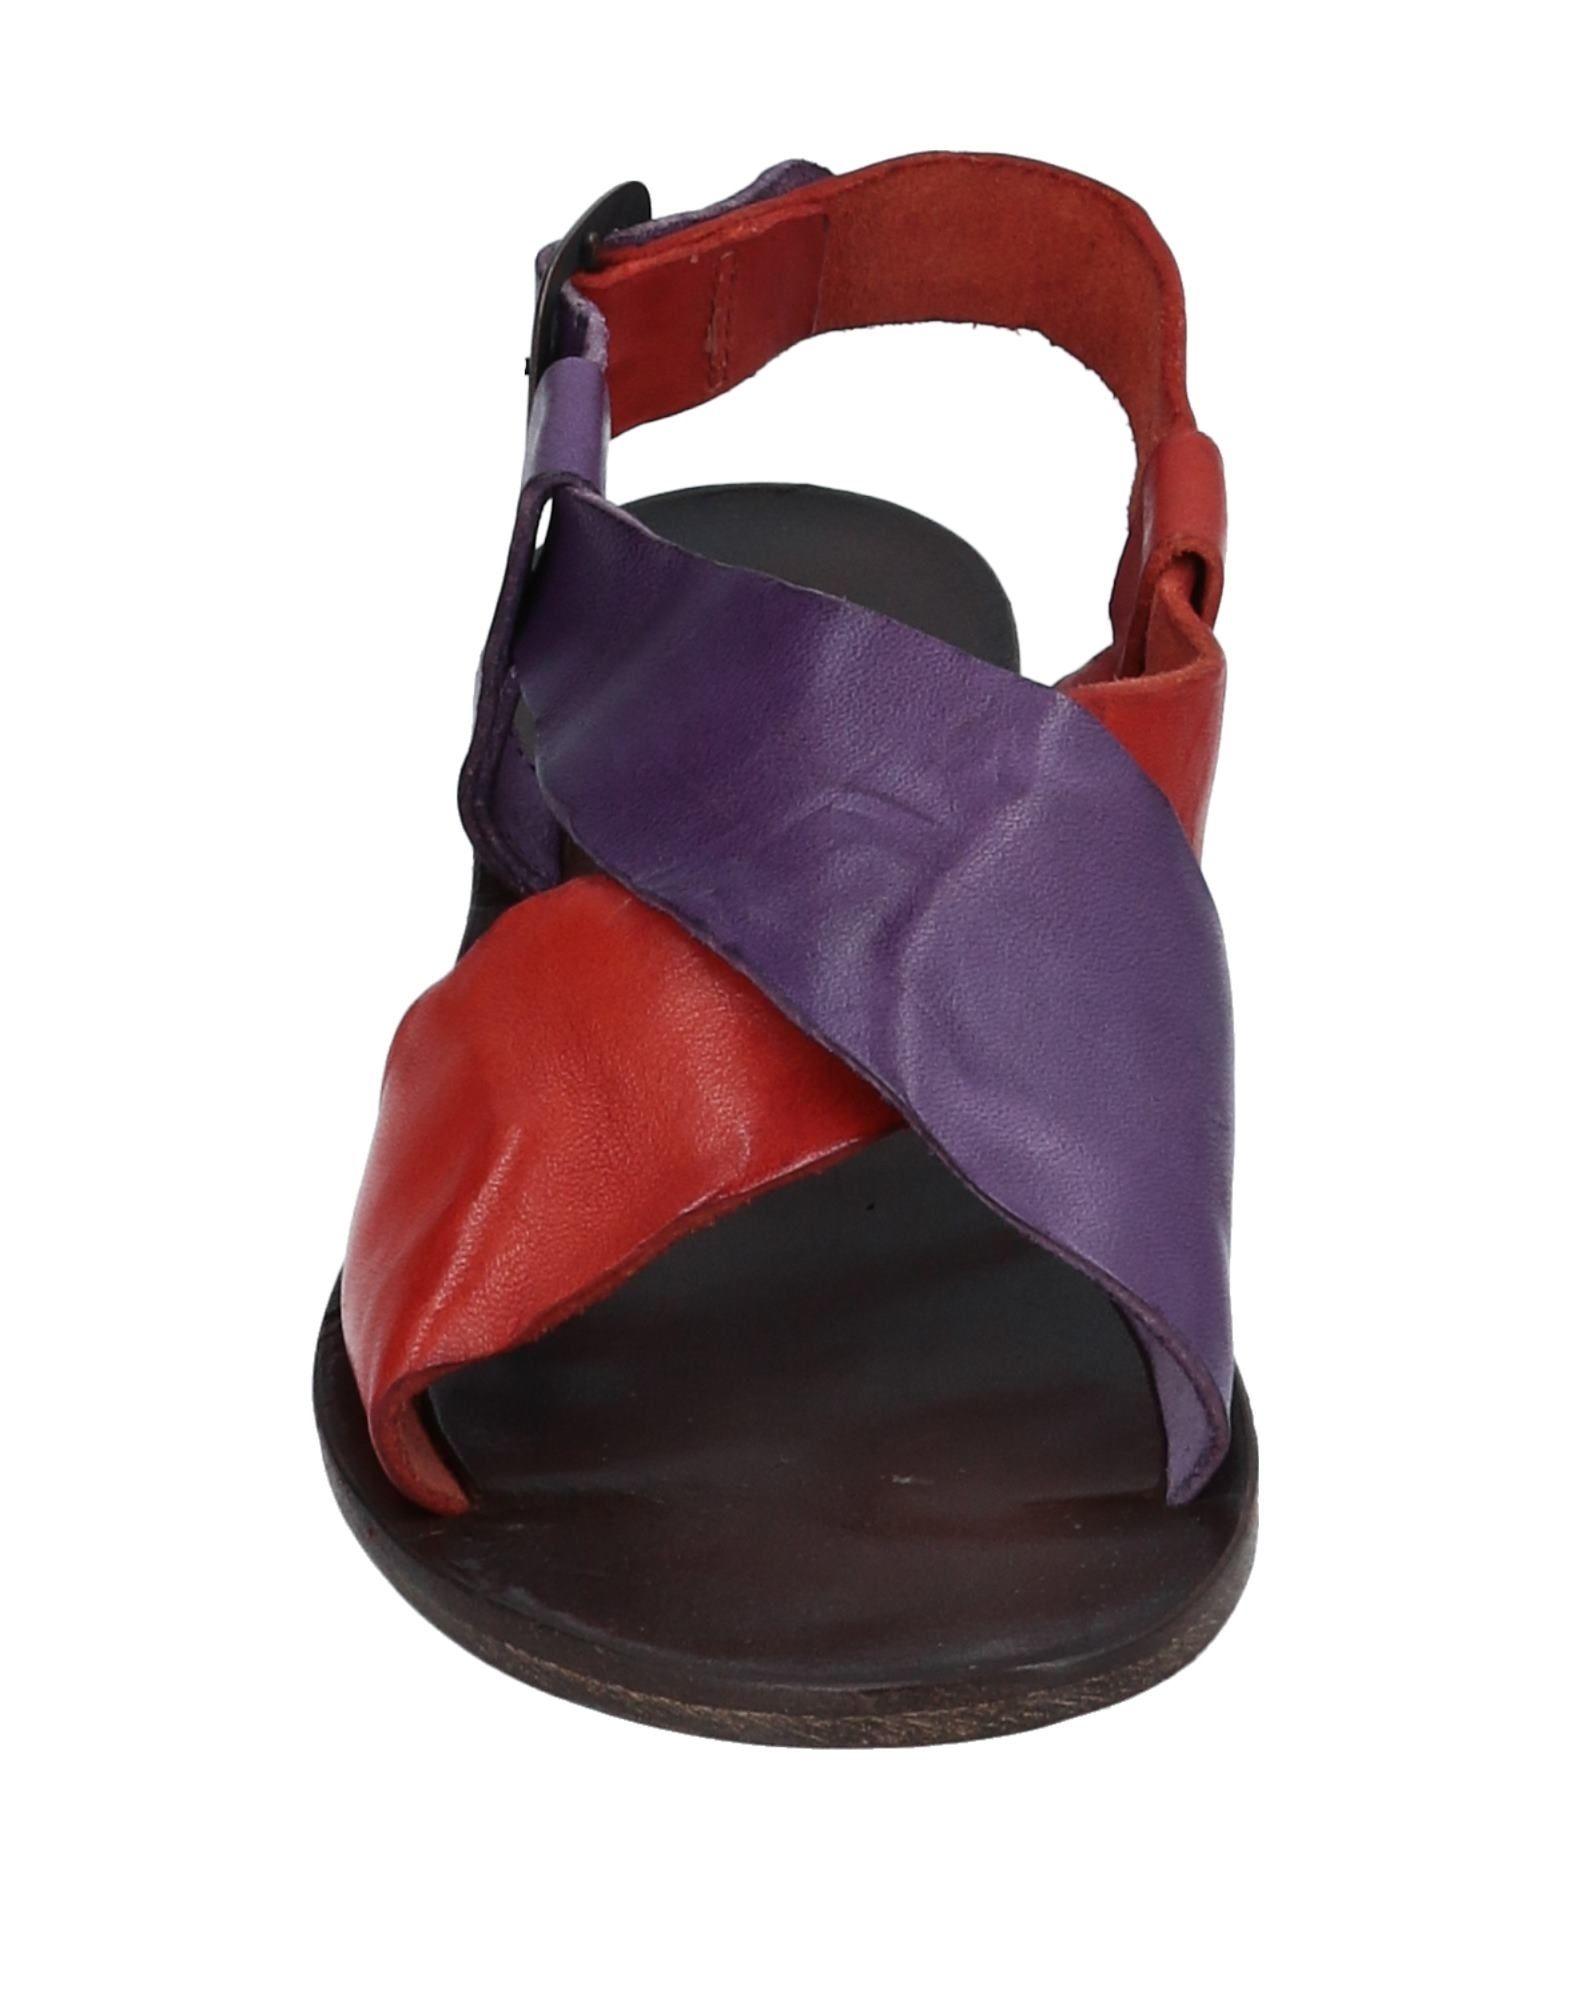 burmonte & # # # 174; sandales - femmes burmonte & # 174; sandales en ligne au royaume - uni - 11567885nm dde639